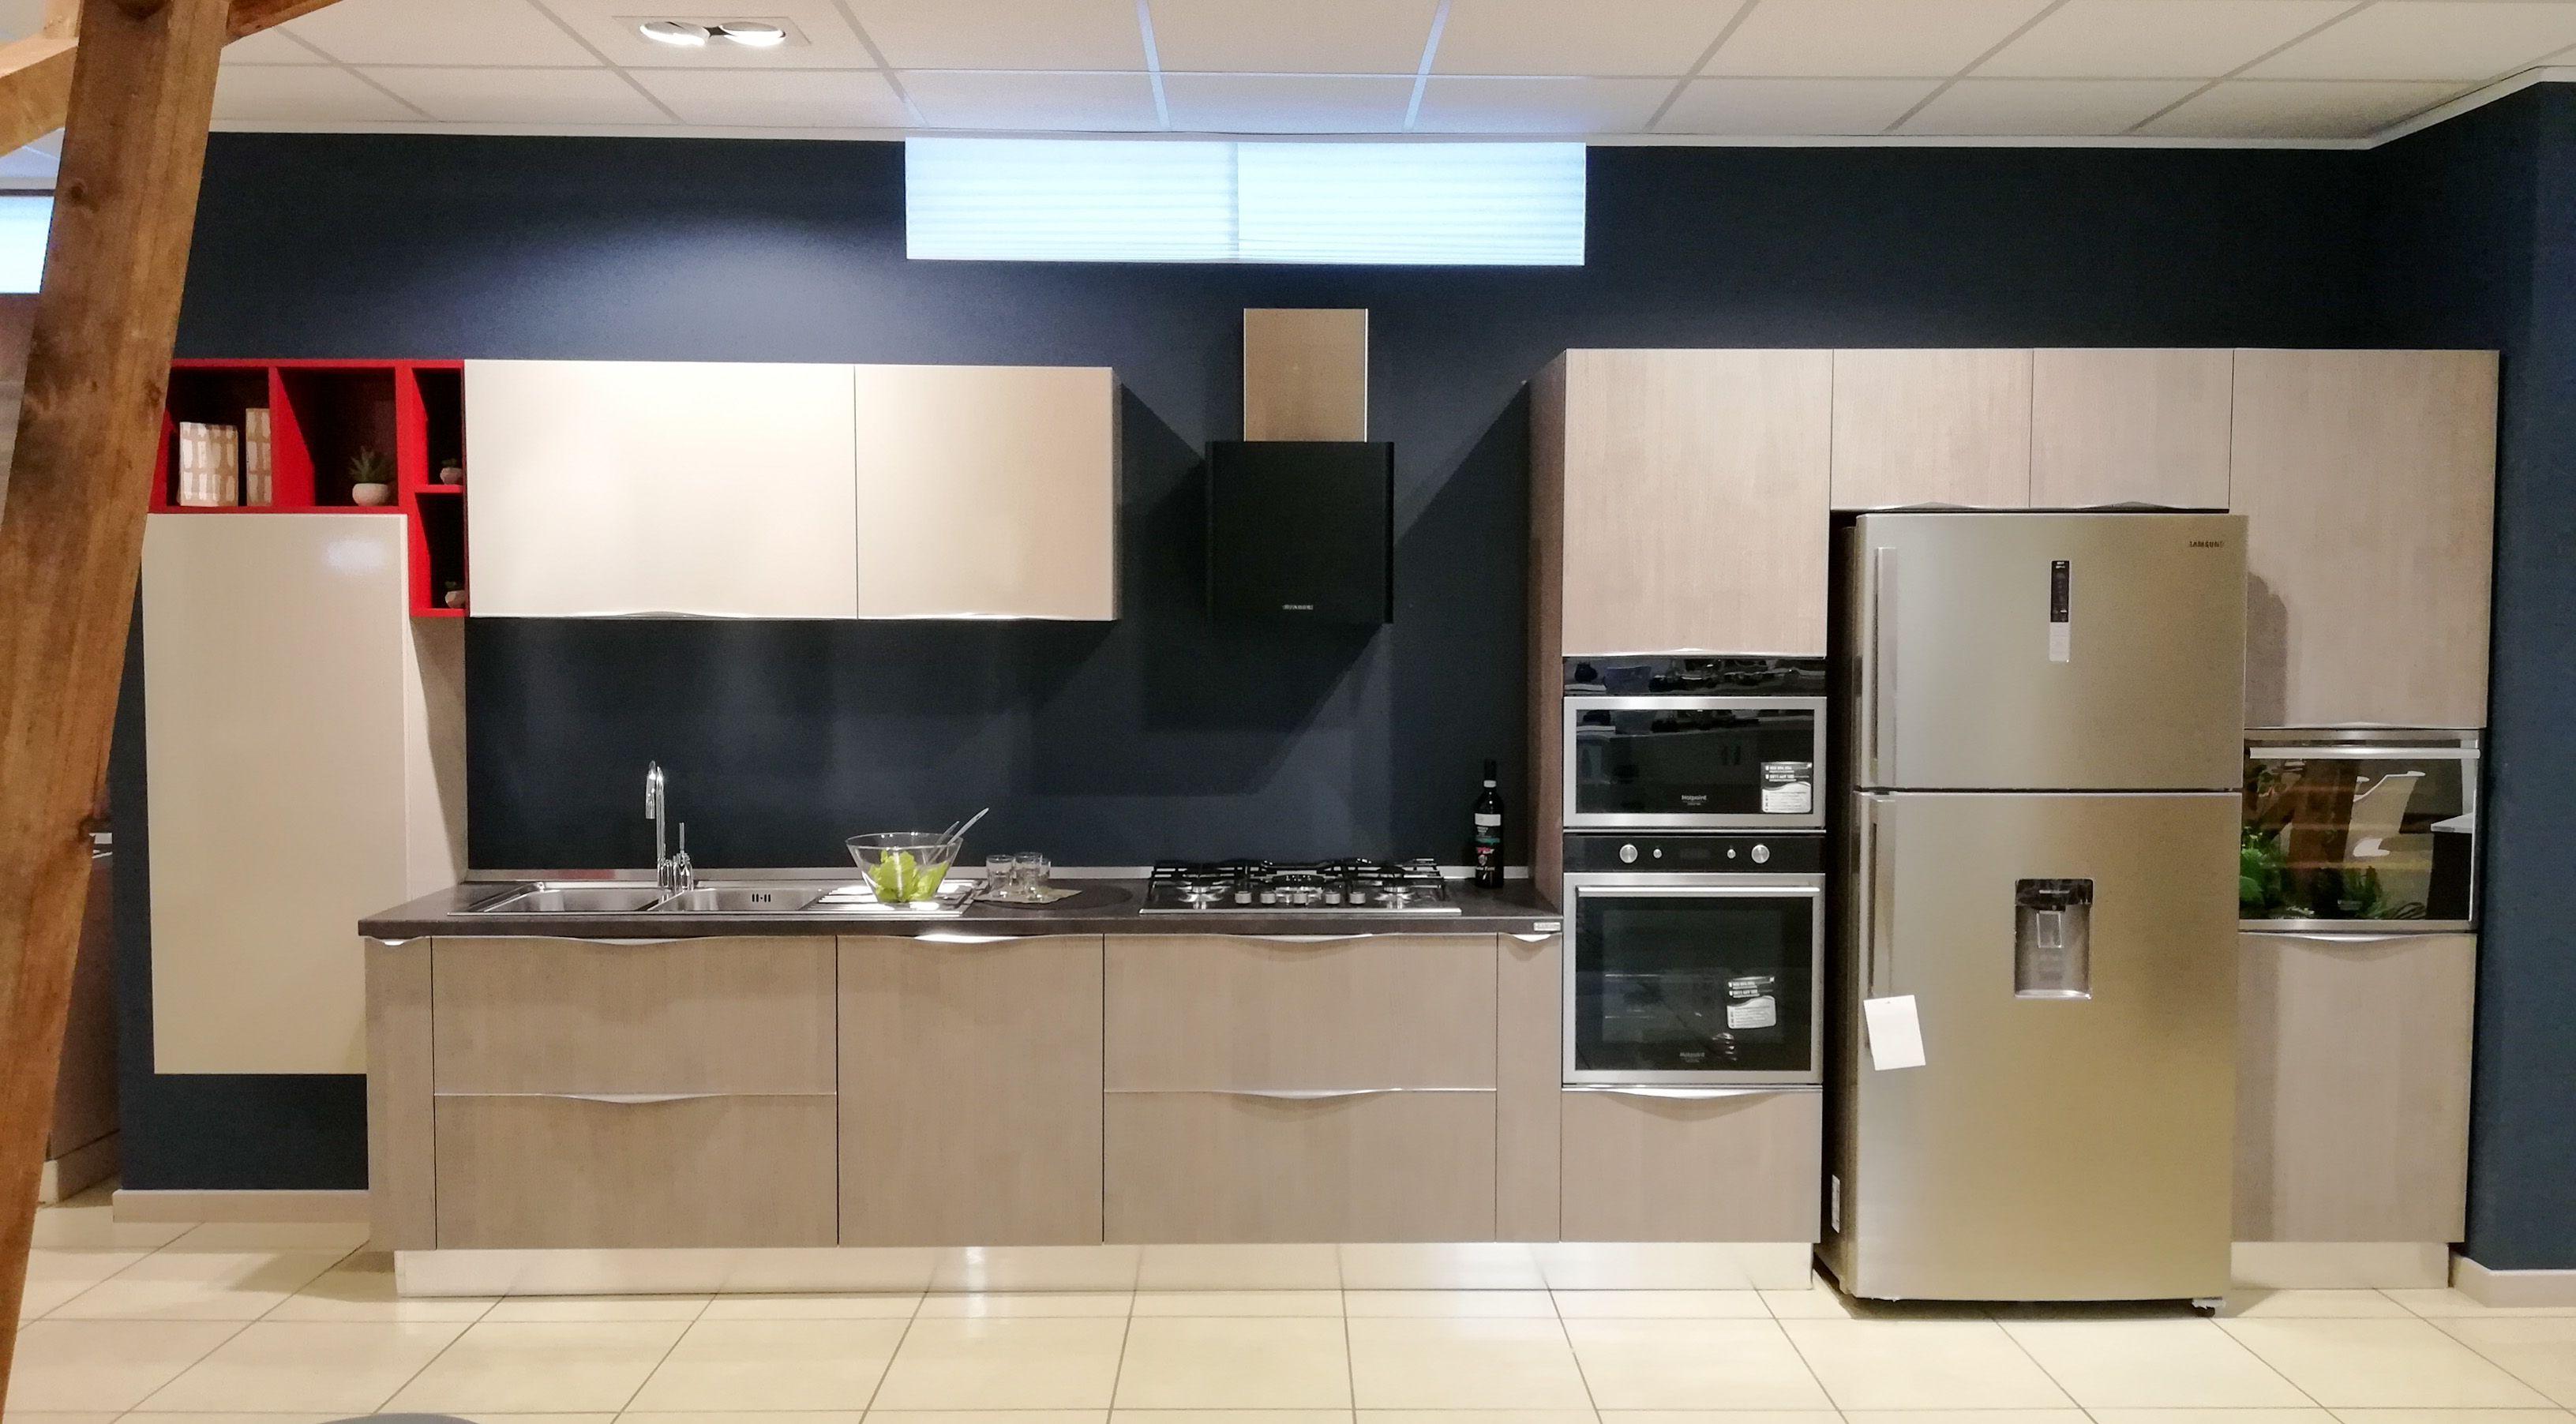 Programma per progettare una cucina componibile planner online nobilia progettate la vostra - Programma per progettare cucine ...